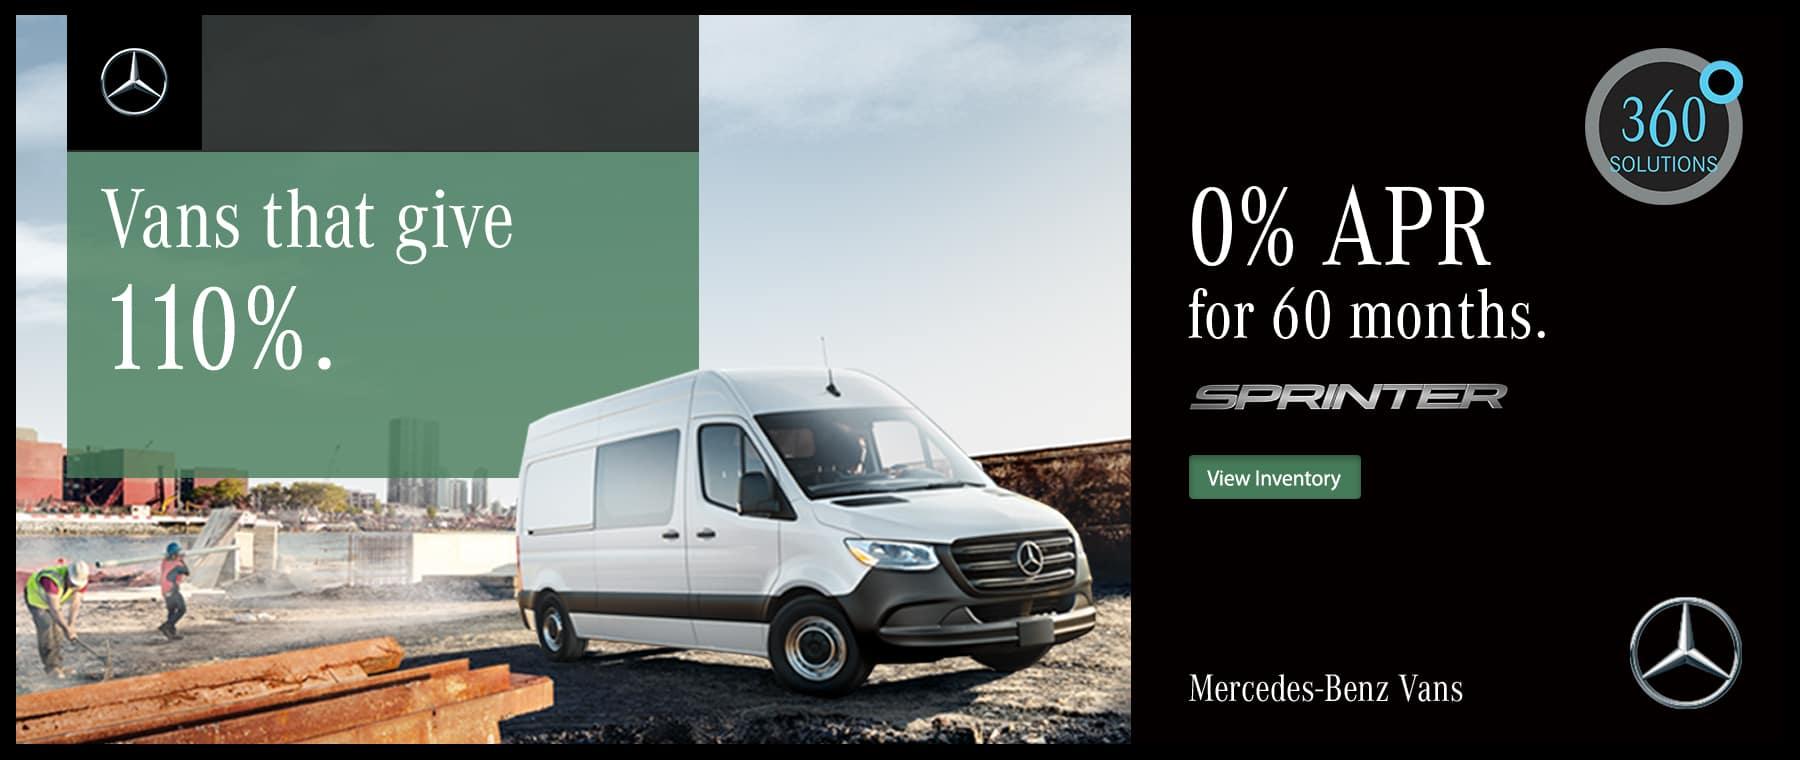 MB-Vans_110%_1800x760